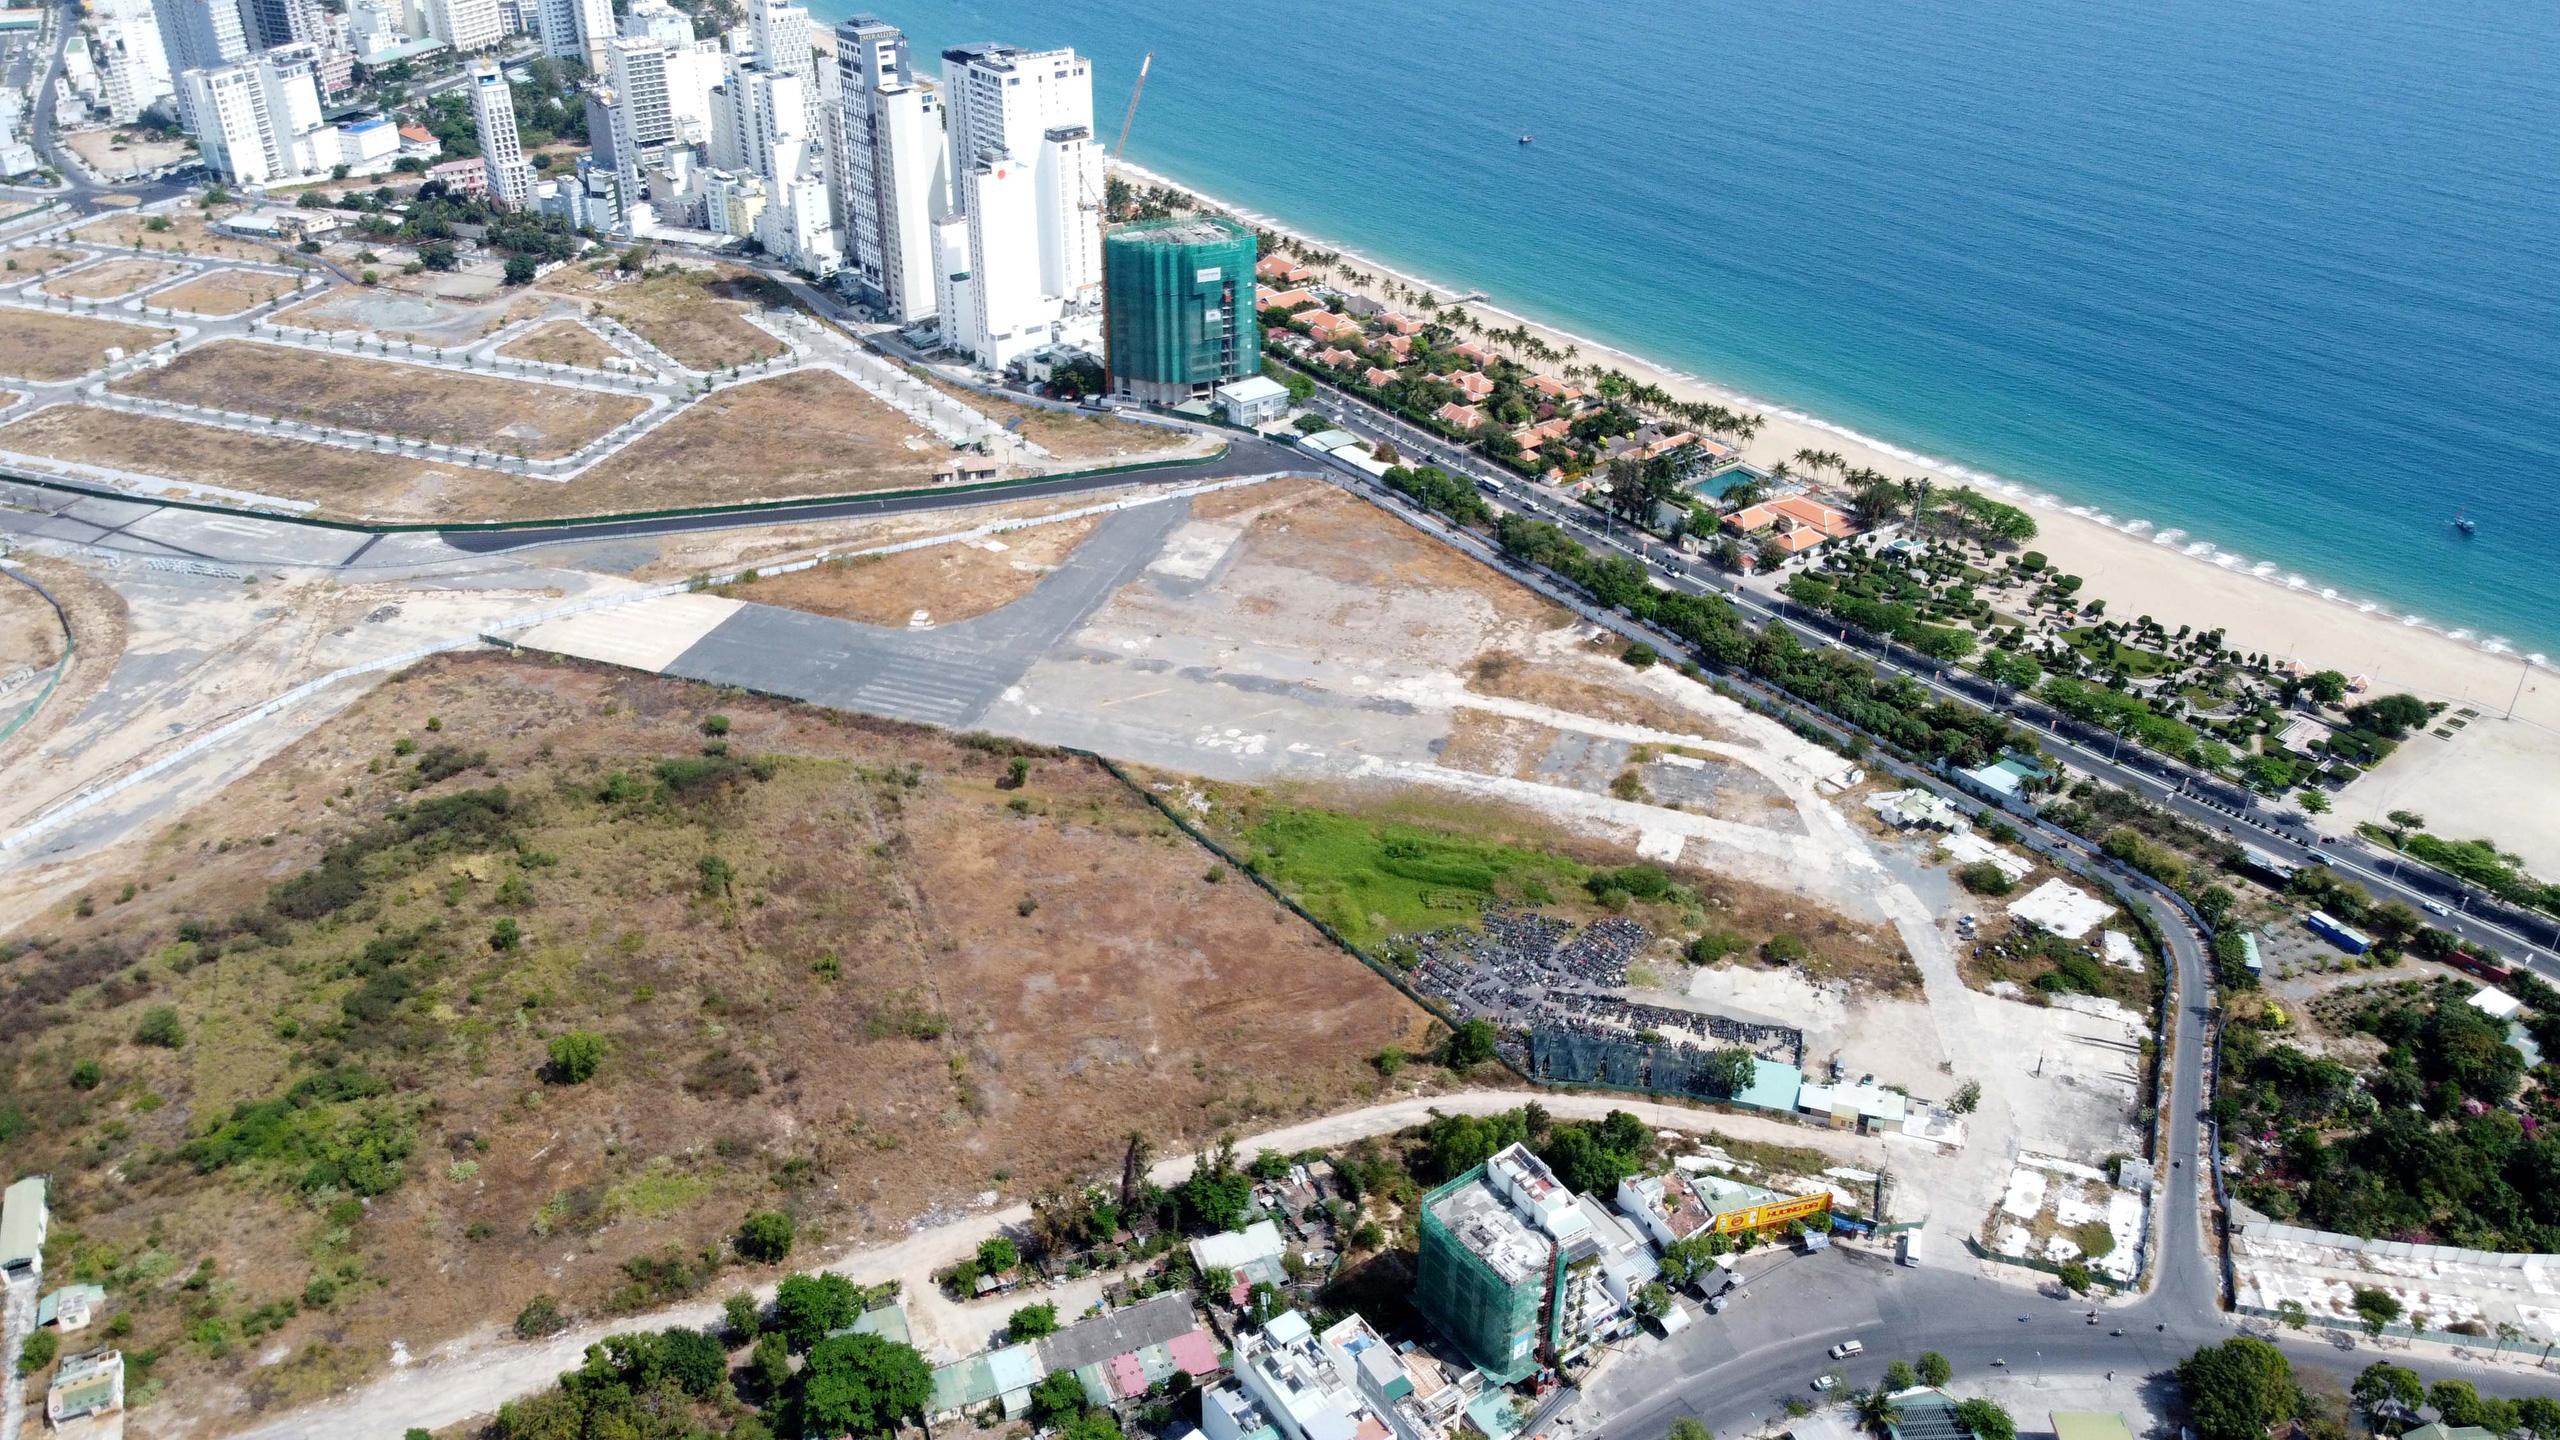 Cận cảnh khu đất sân bay Nha Trang cũ chuẩn bị đấu giá đất - Ảnh 9.